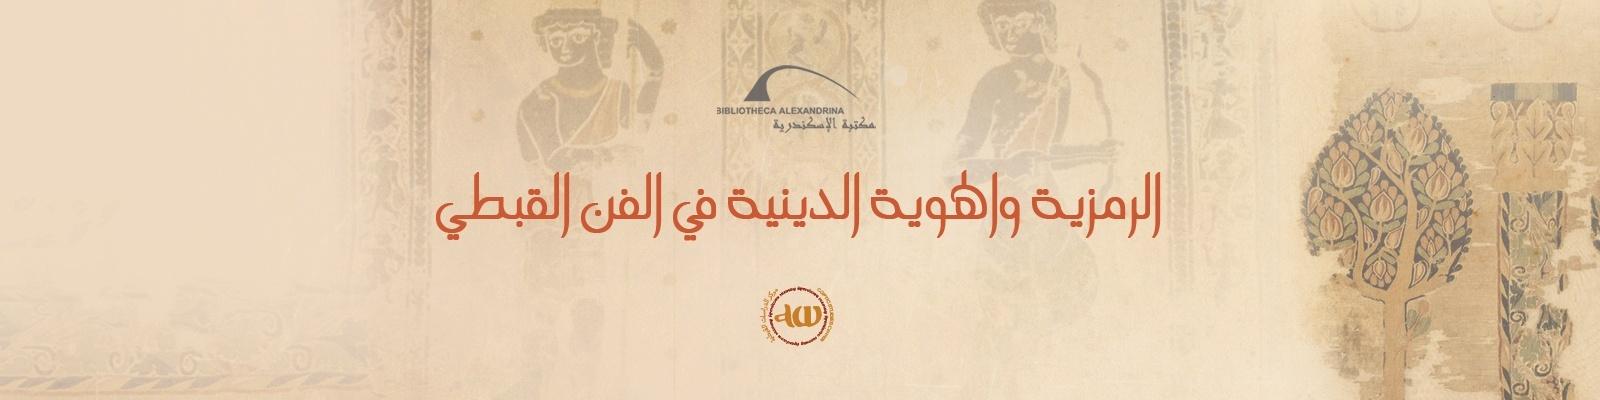 """محاضرة """"الرمزية والهوية الدينية في الفن القبطي"""""""